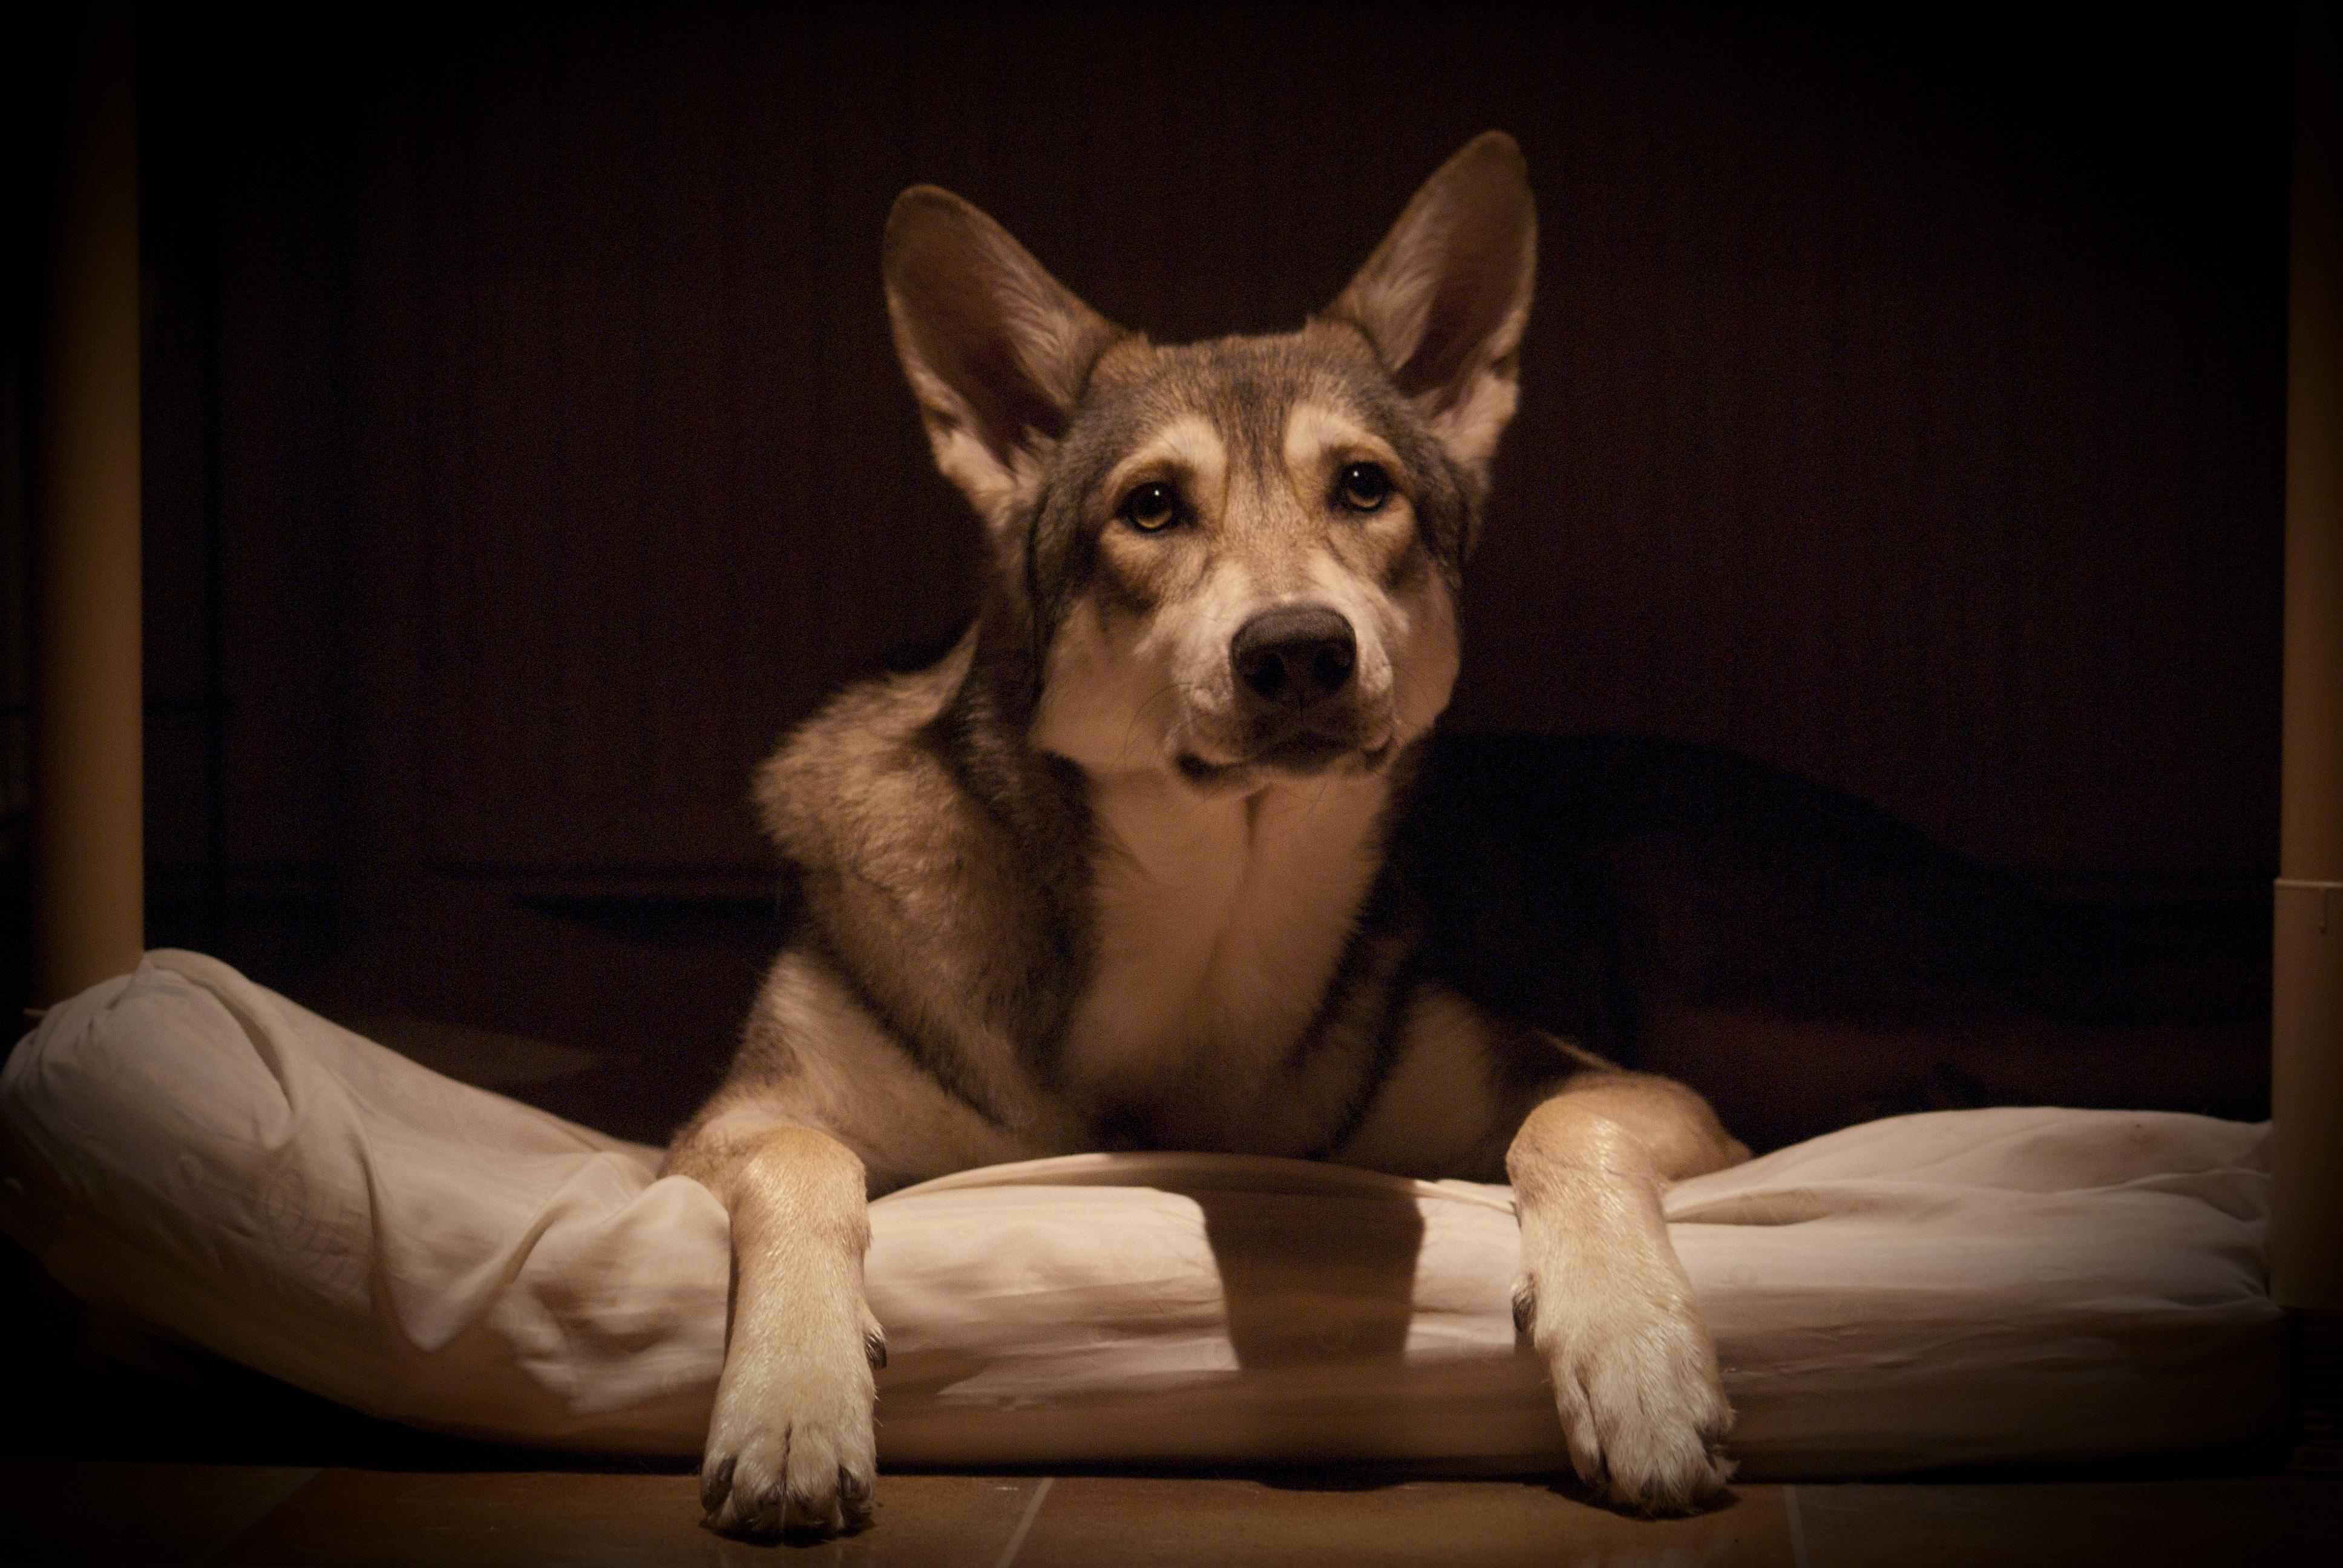 Saarlooswolfhond Dog: Saarlooswolfhond Mystery Saarlooswolfhond Dog Breed